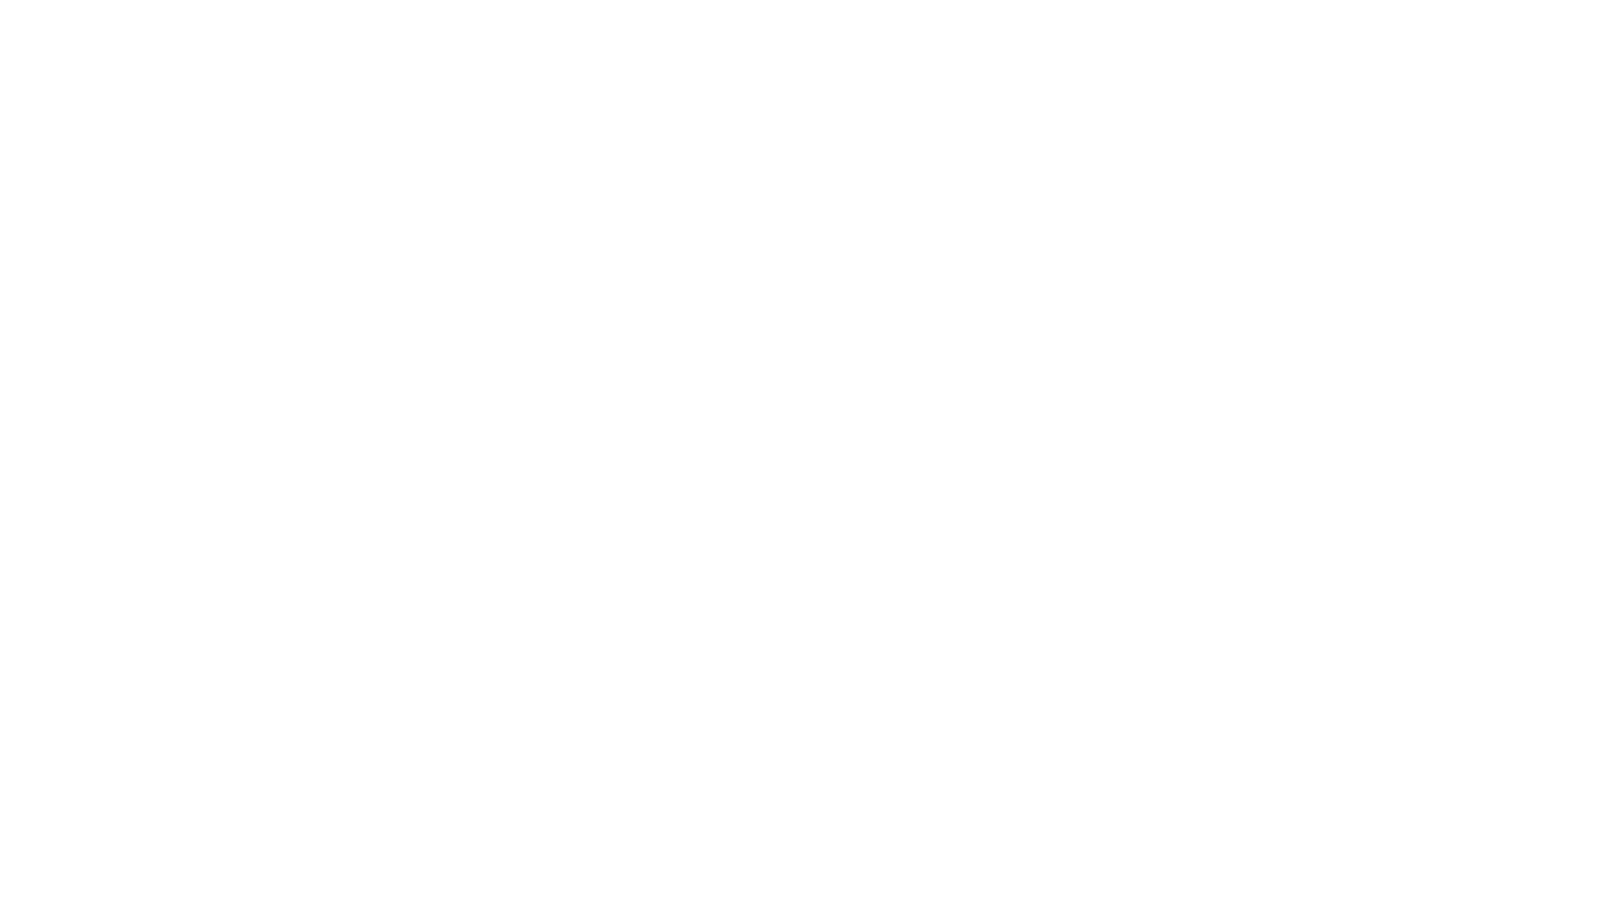 後ろギャザーチュニック (#lf2102061-a1) ----------------------------------------------- . 後ろのギャザーが ふんわりシルエットを 作り出し 一枚で着ても 何か羽織ってチラ見せしても 可愛い万能アイテムです。 . . .  ①【グレー】のコーデ ギャザーSK (#bs21044423-a1) . . ②【チャコール】のコーデ ハンドブロックプリントsk (#ca3191218) . . ③【ピンク】のコーデ 12OZボーイフレンドフレンドデニム (#qa2012004-b1) . . ④【グリーン】のコーデ 綿麻ワイドパンツ (#bs2107710-a2) . . ⑤【マスタード】のコーデ スキニーデニム (#hp2104000-a1) . . ⑥【グリーン】のコーデ タック&ギャザーsk (#fr2102012-b1) . . 【モデルあゆ 身長:154㎝】 . . #ハートマーケット #heartmarket #heartmarket_tops #heartmarket_bottom #heartmarket_大人カジュアル #heartmarket_カジュアル #heartmarket_under155 #大人カジュアル #カジュアルコーデ  #ファッション #コーデ #秋コーデ #着回し #カラー別コーデ #ドルマン #fashion #低身長コーデ